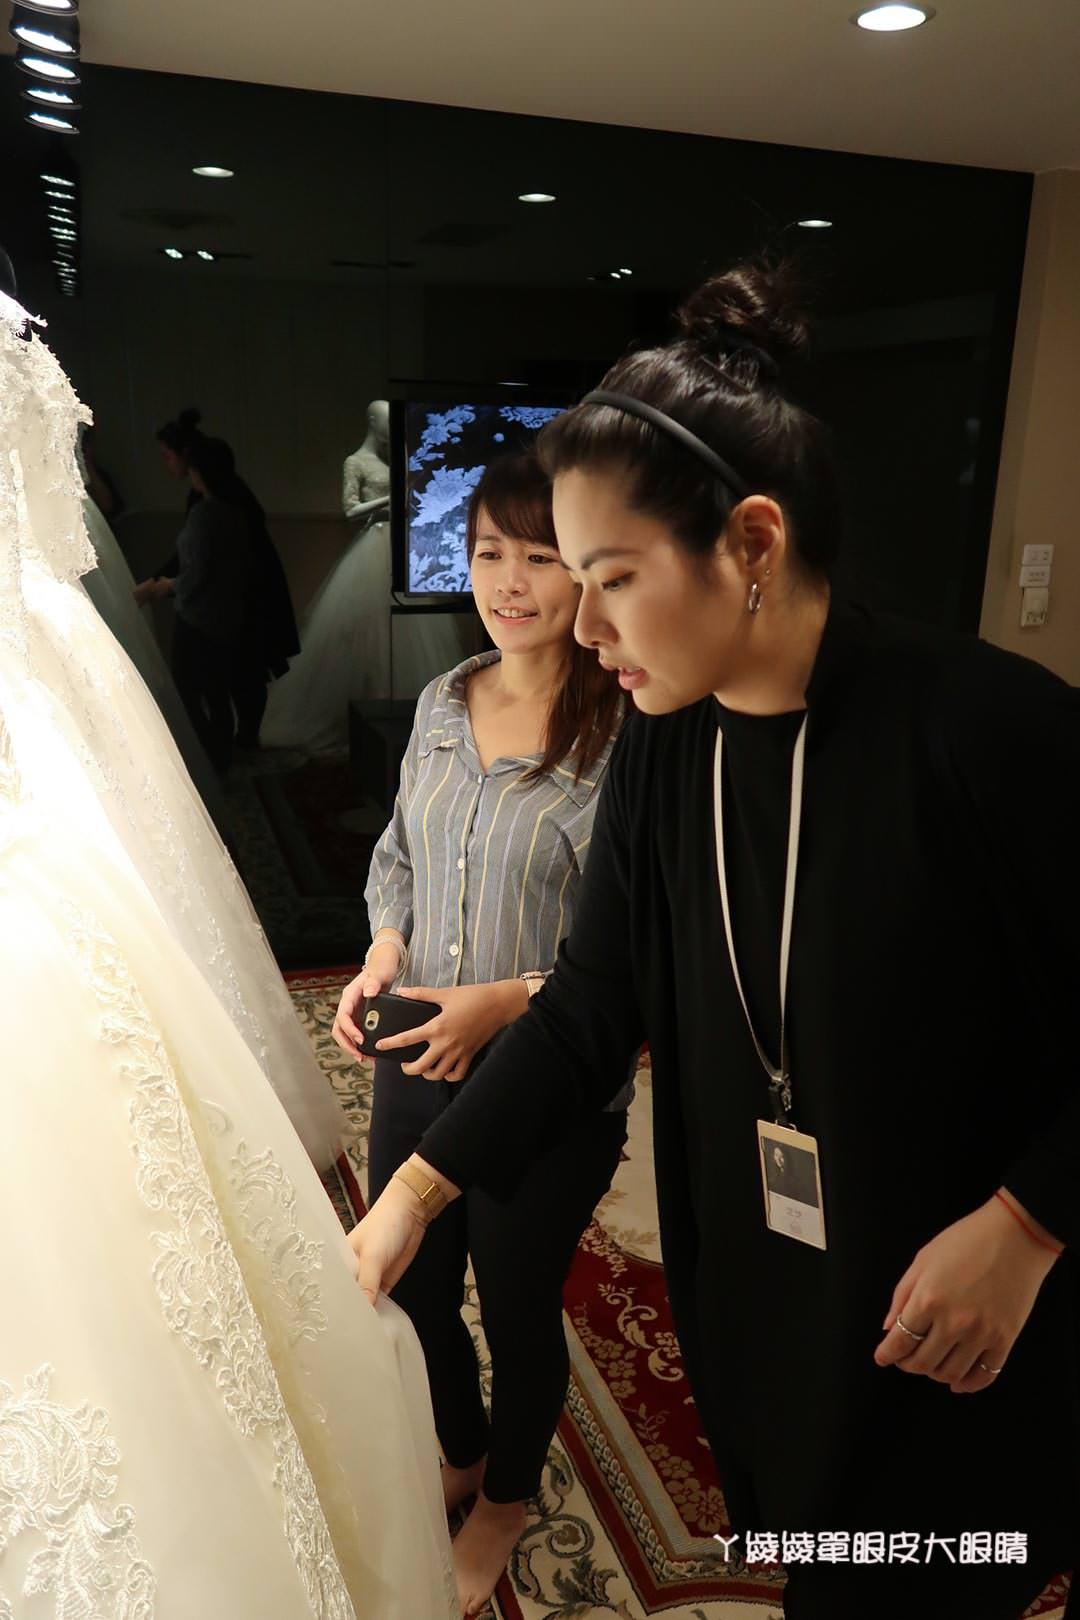 台中婚紗店《白宮精品婚紗》準新娘看過來!禮服 婚紗照 孕婦寫真 全家福照